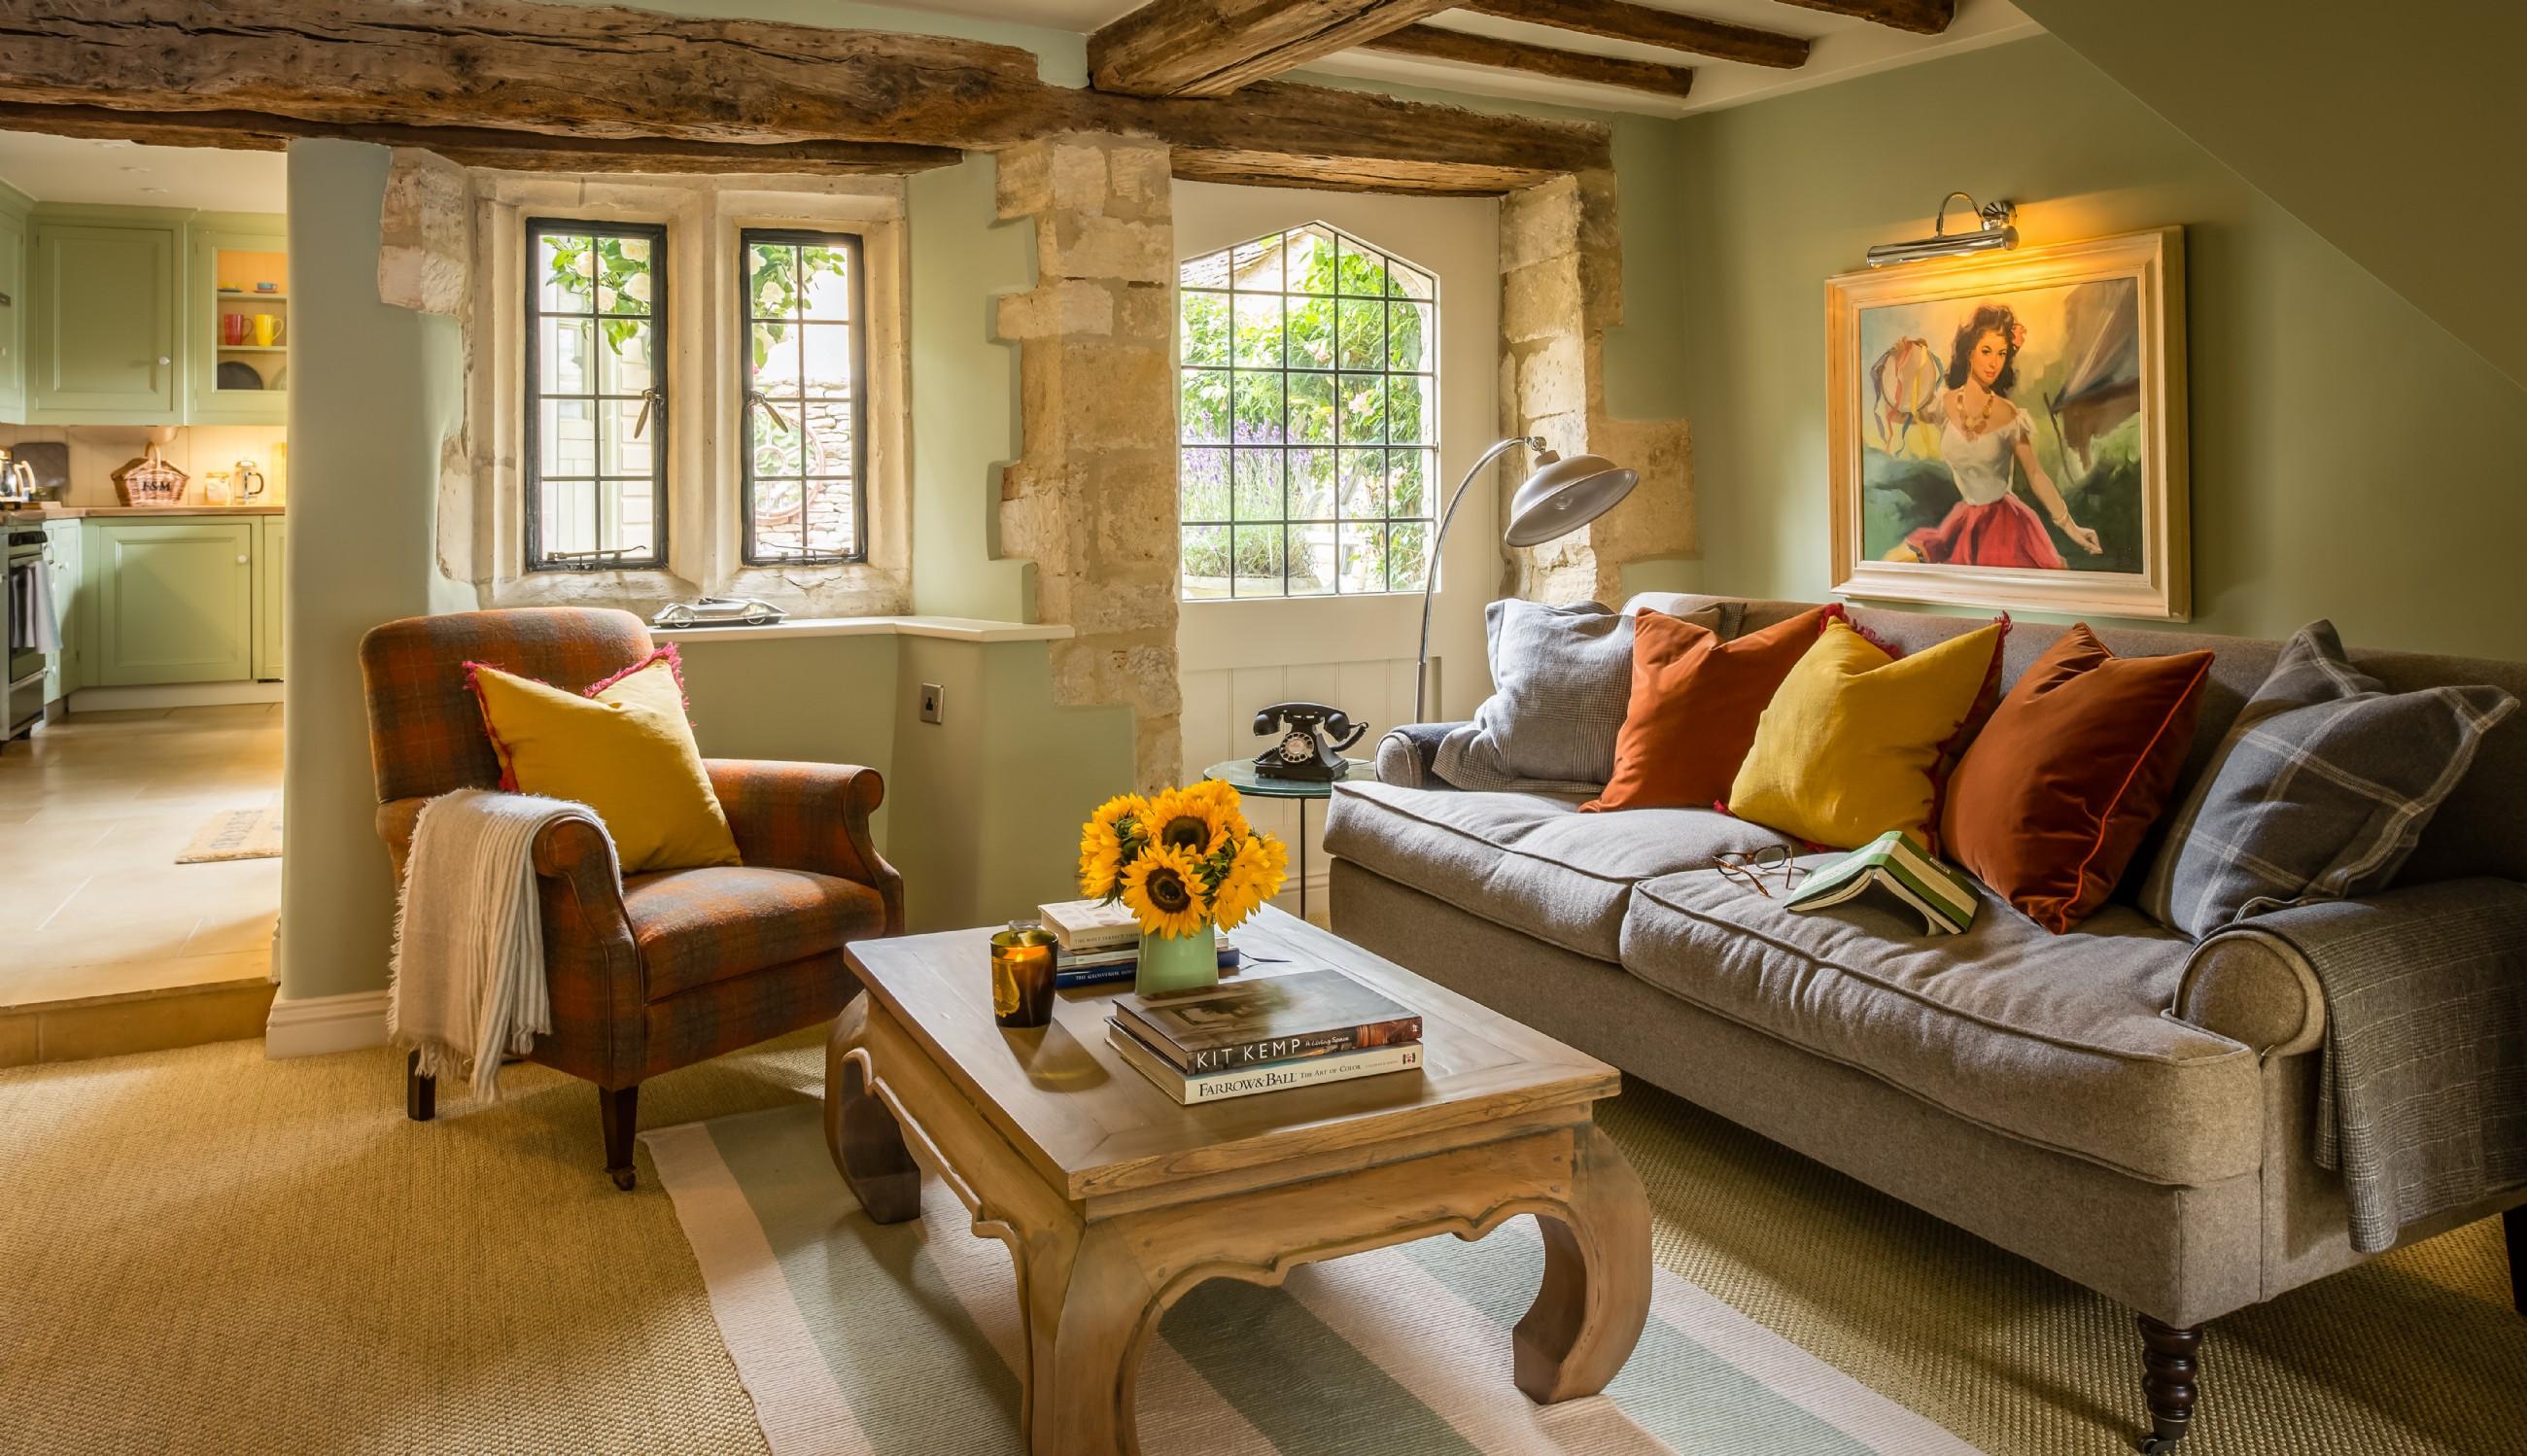 Superb Little Scarlet Luxury Self Catering Cottage Burford Home Interior And Landscaping Mentranervesignezvosmurscom